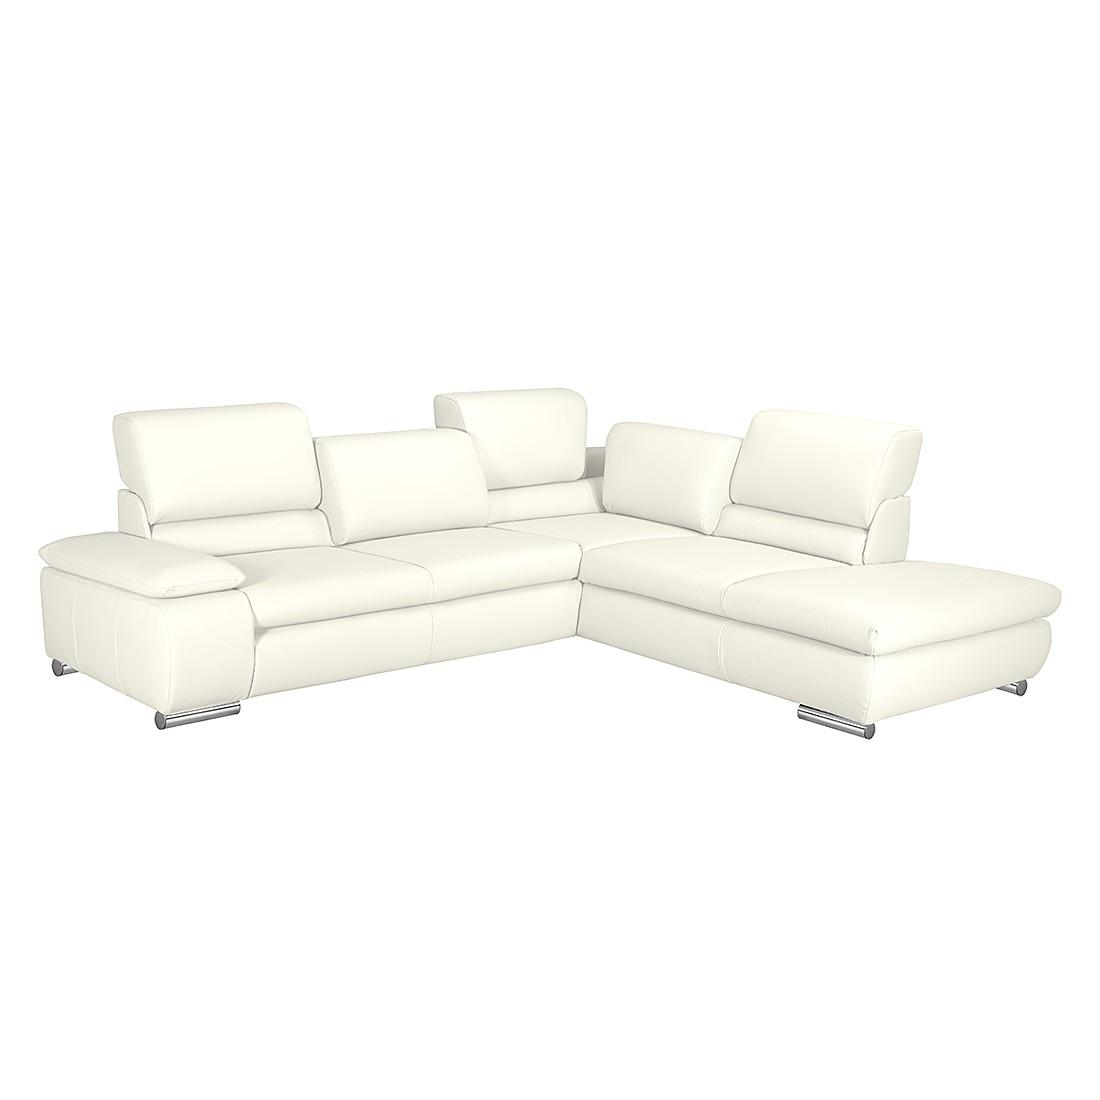 home24 Fredriks Ecksofa Masca 2,5-Sitzer Weiß Kunstleder 273x78x235 cm (BxHxT) mit Schlaffunktion Modern